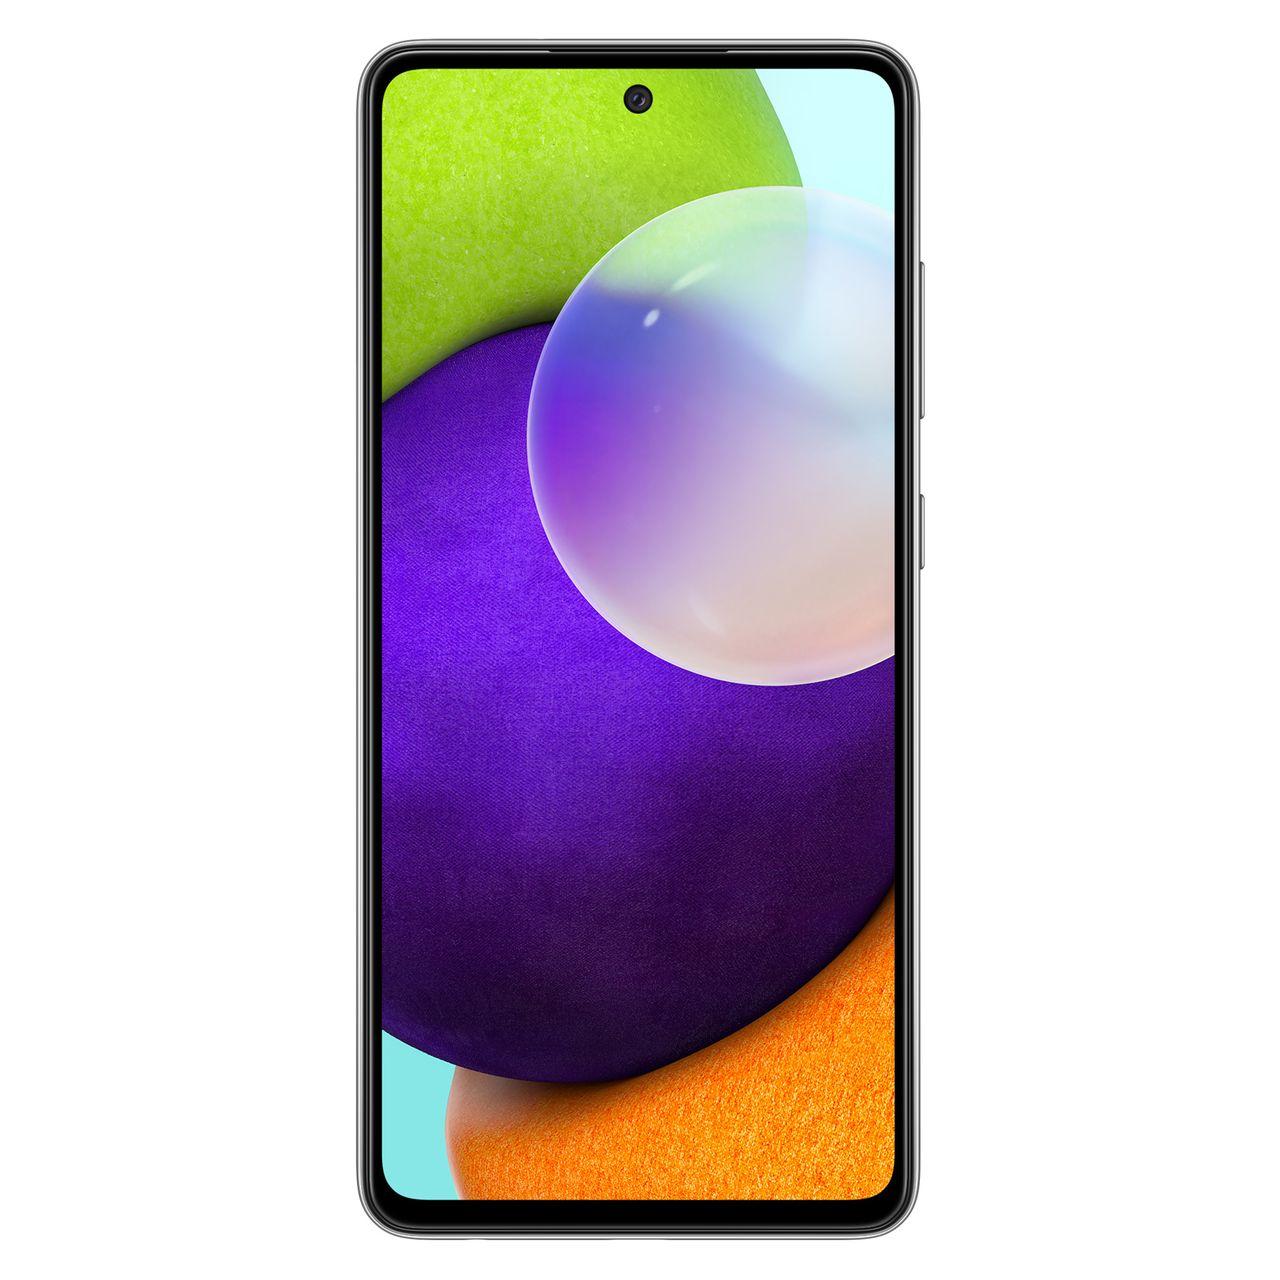 گوشی موبایل سامسونگ مدل A52 5G SM-A526B/DS دو سیمکارت ظرفیت 128 گیگابایت و رم 8 گیگابایت